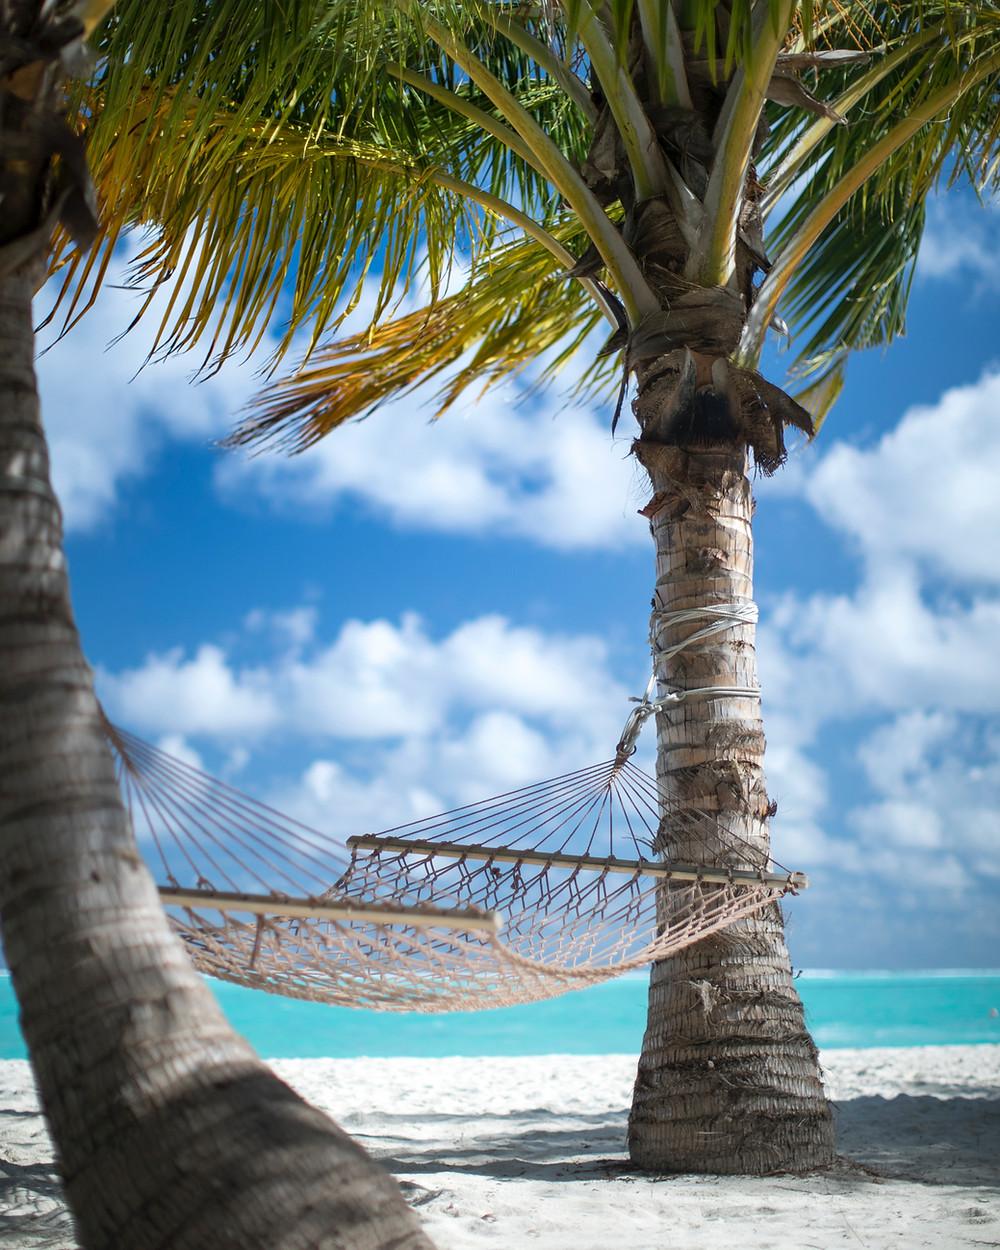 Isle tropicale avec palmiers et hamac